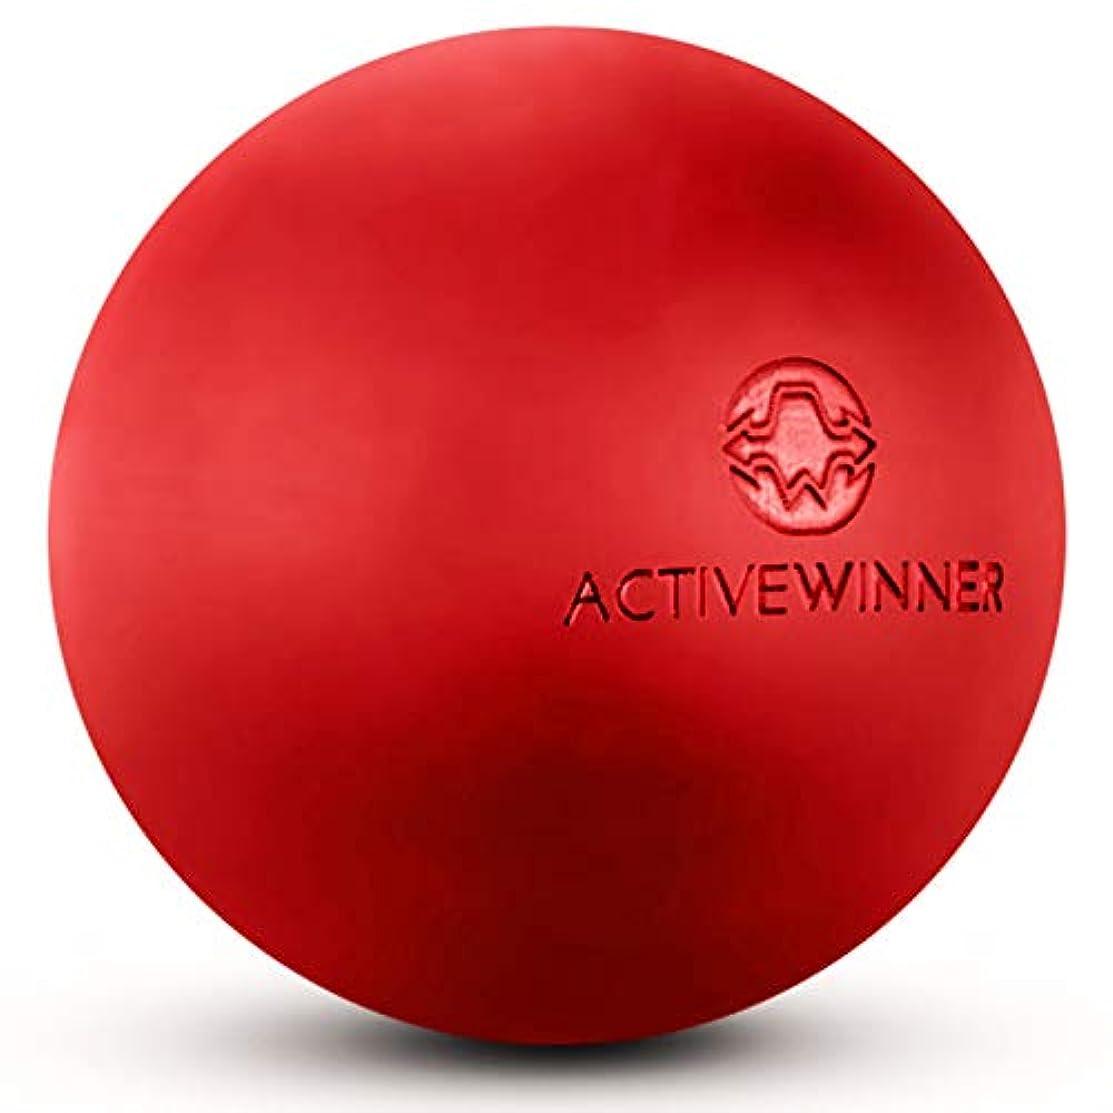 に応じて縁石安価なActive Winner マッサージボール トリガーポイント (レッド) ストレッチボール 筋膜リリース トレーニング 背中 肩こり 腰 ふくらはぎ 足 ツボ押し